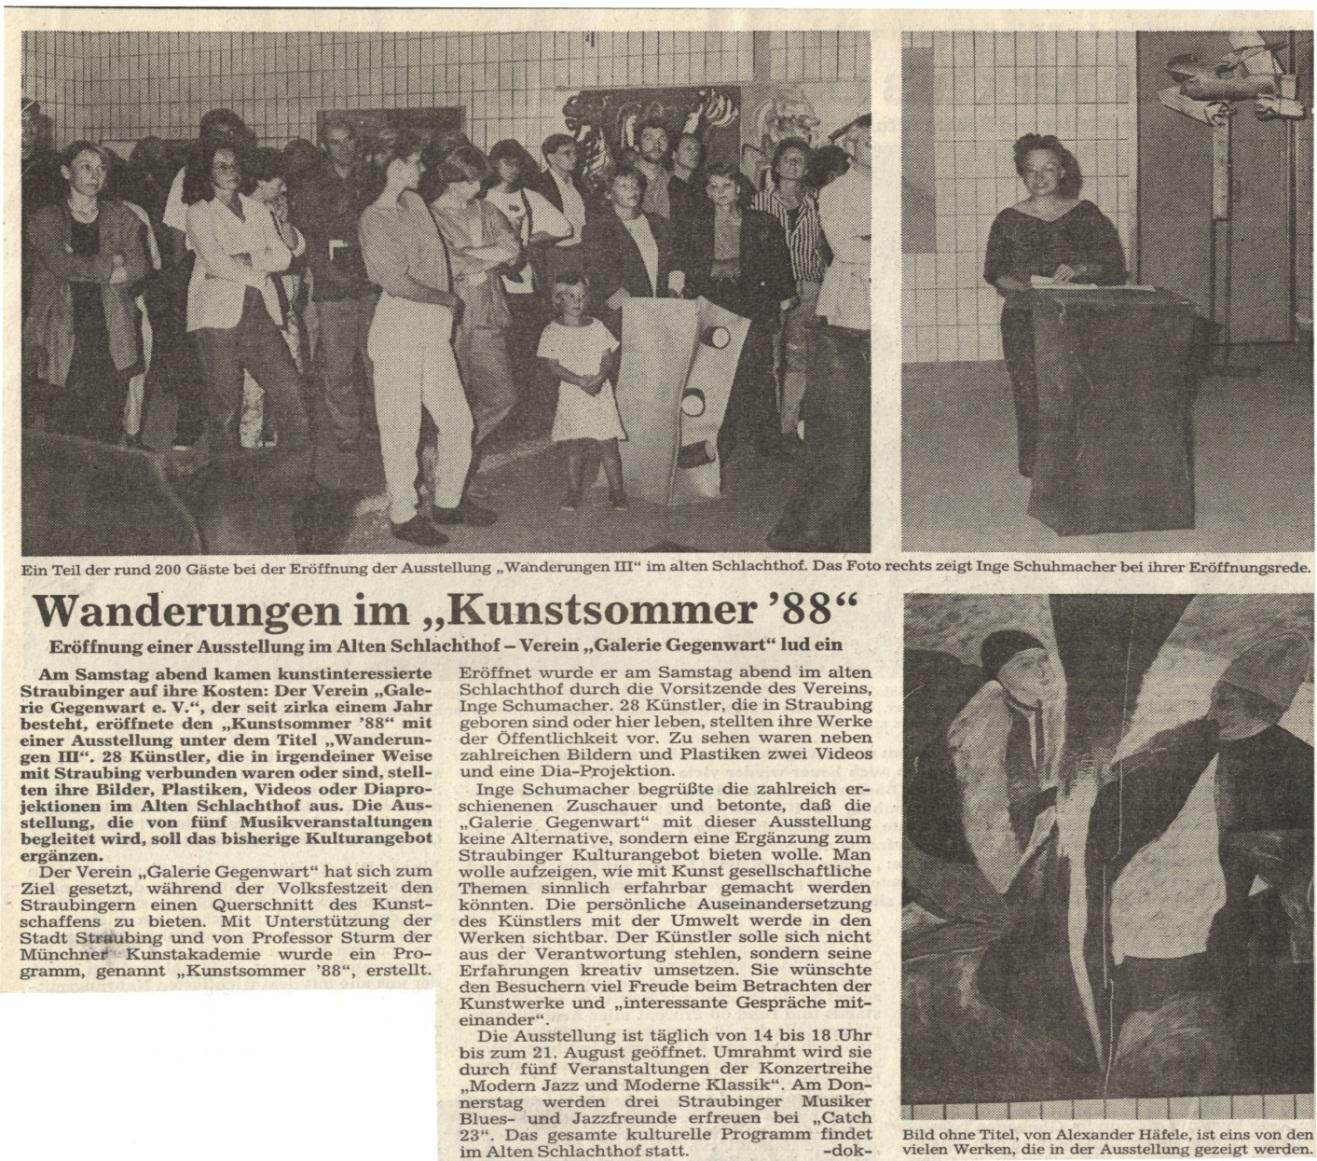 Galerie-Gegenwart-1981-1989_img_16